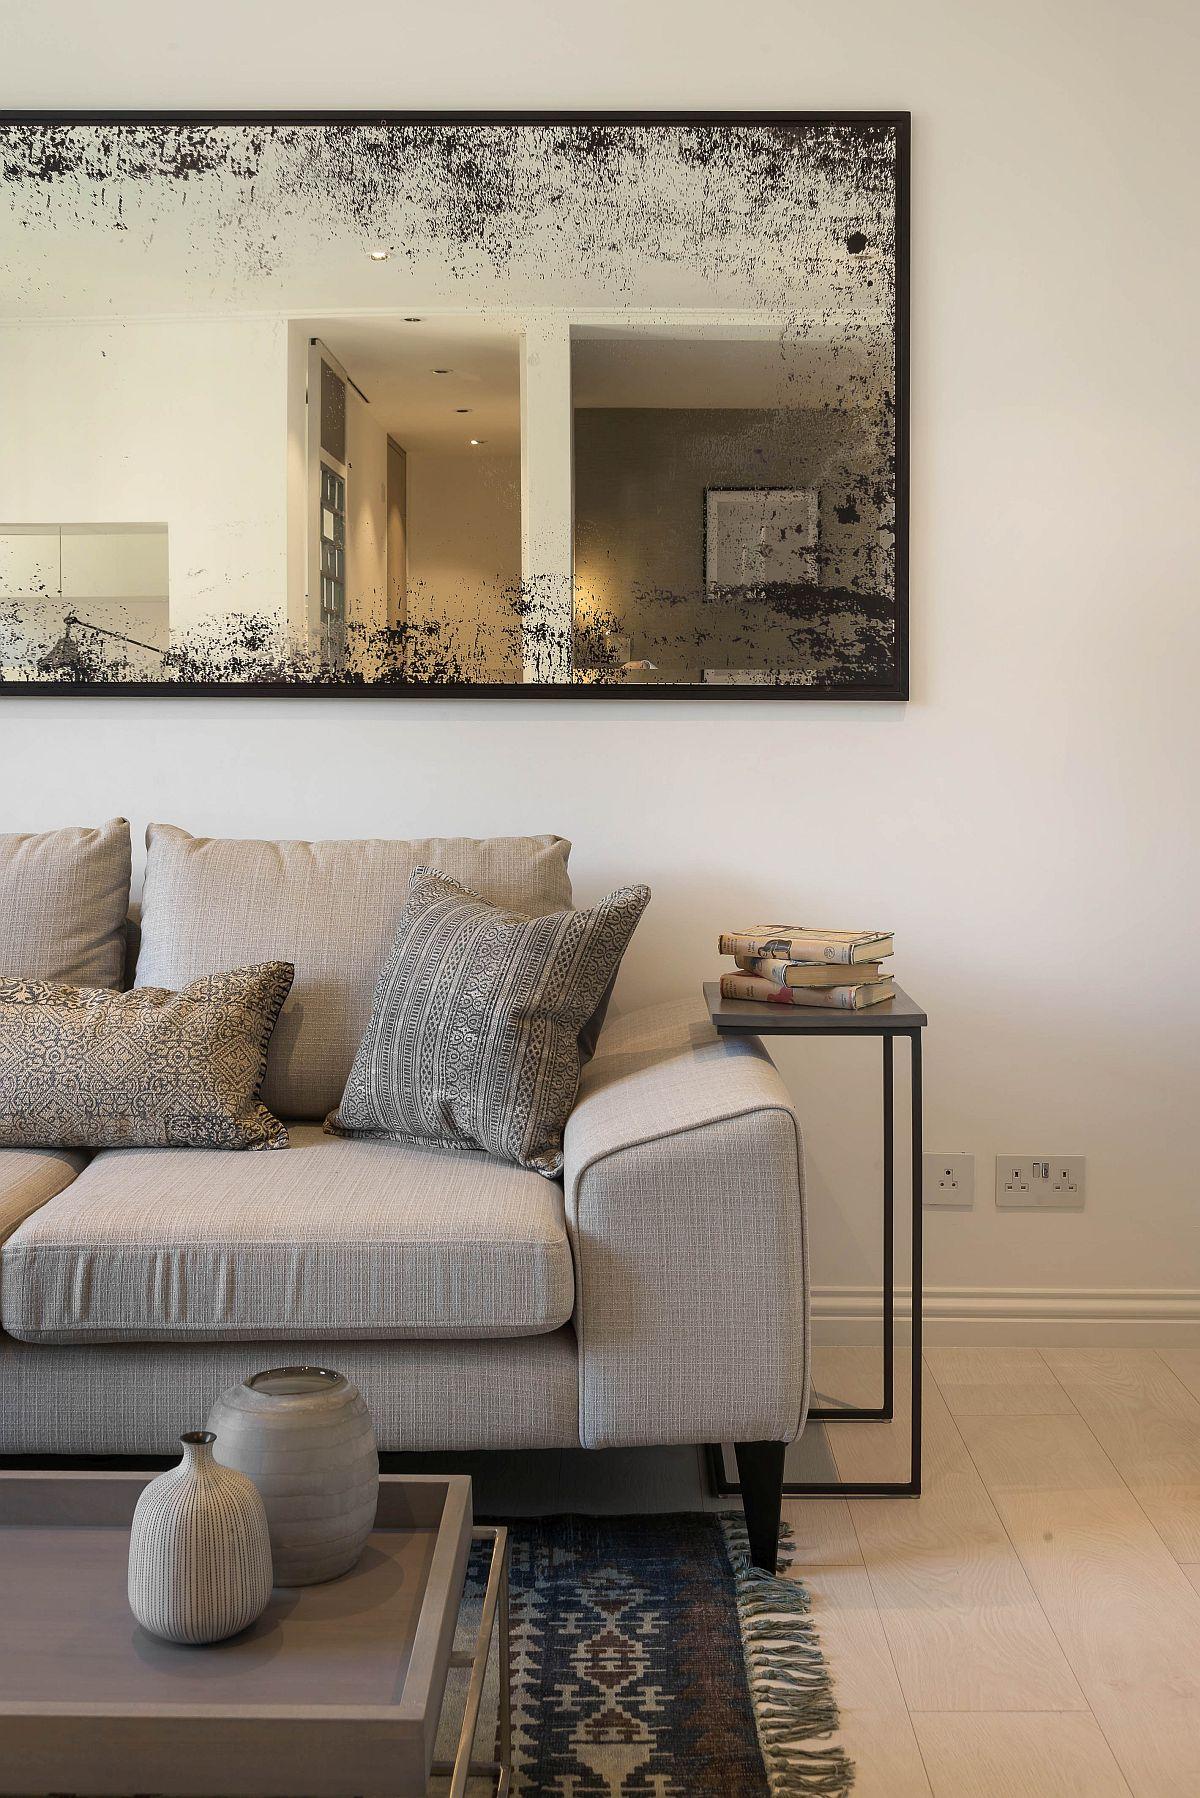 Într-o locuință mică secretul este și alegerea pieselor de mobilier. Majoritatea oamenilor ar fi tentați să se gîndească la o canapea colțar, dar aceasta ar ocupa prea mult spațiu. În schimb o canapea de două locuri nici nu ocupă spațiu, dar poate fi extensibilă și completată de taburete, ca locuri suplimentare de ședere. Cert este că aspectul general va fi mult mai aerisit cu o canapea decât cu un colțar.